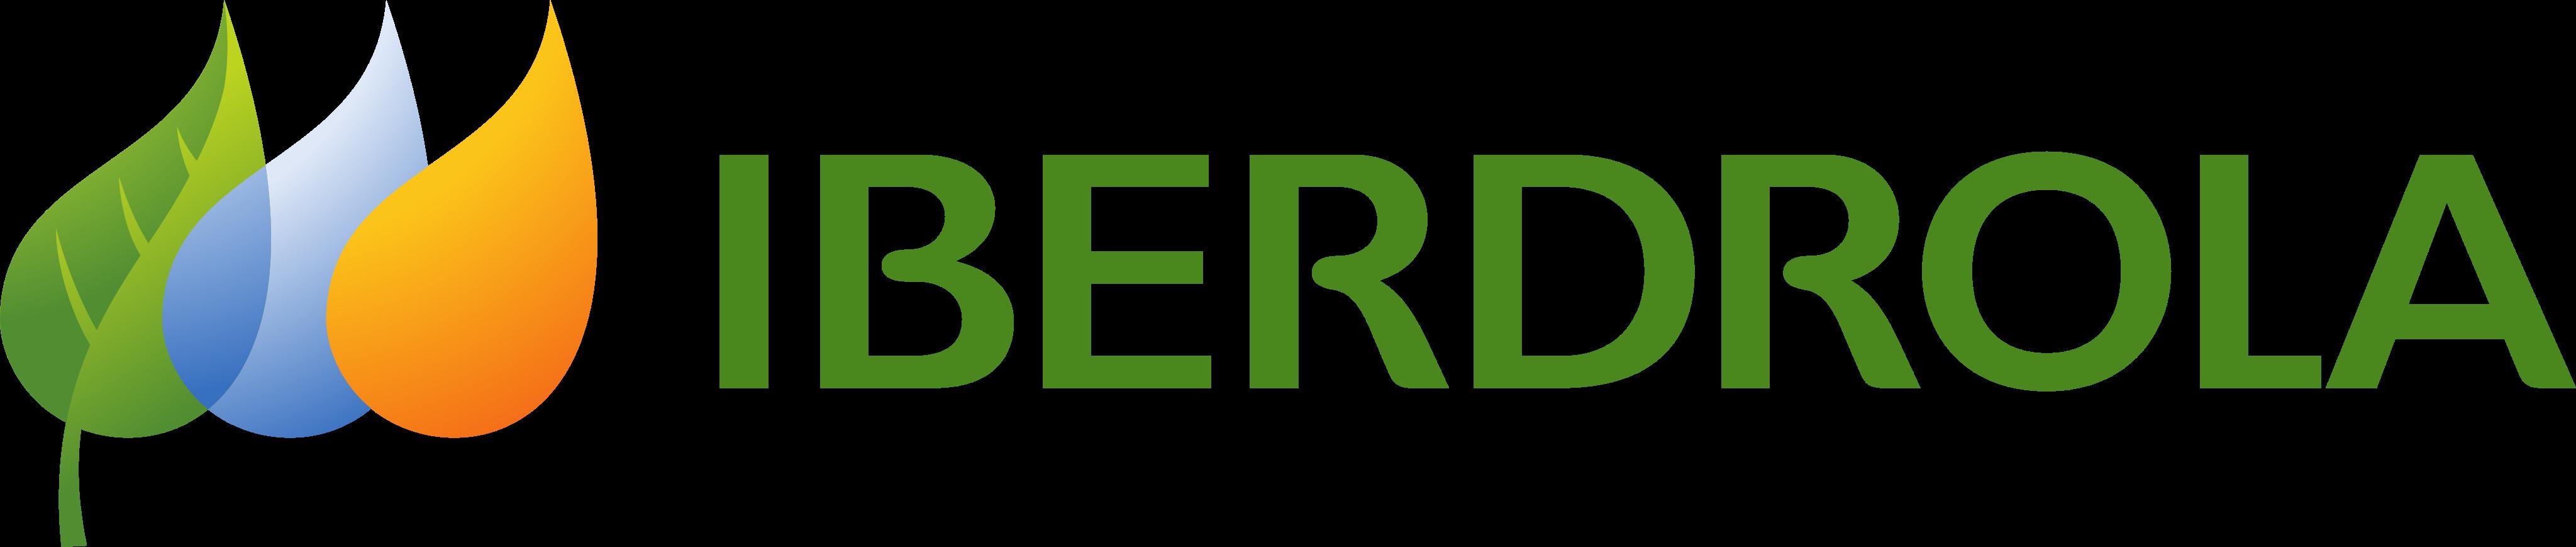 Iberdrola Logo.